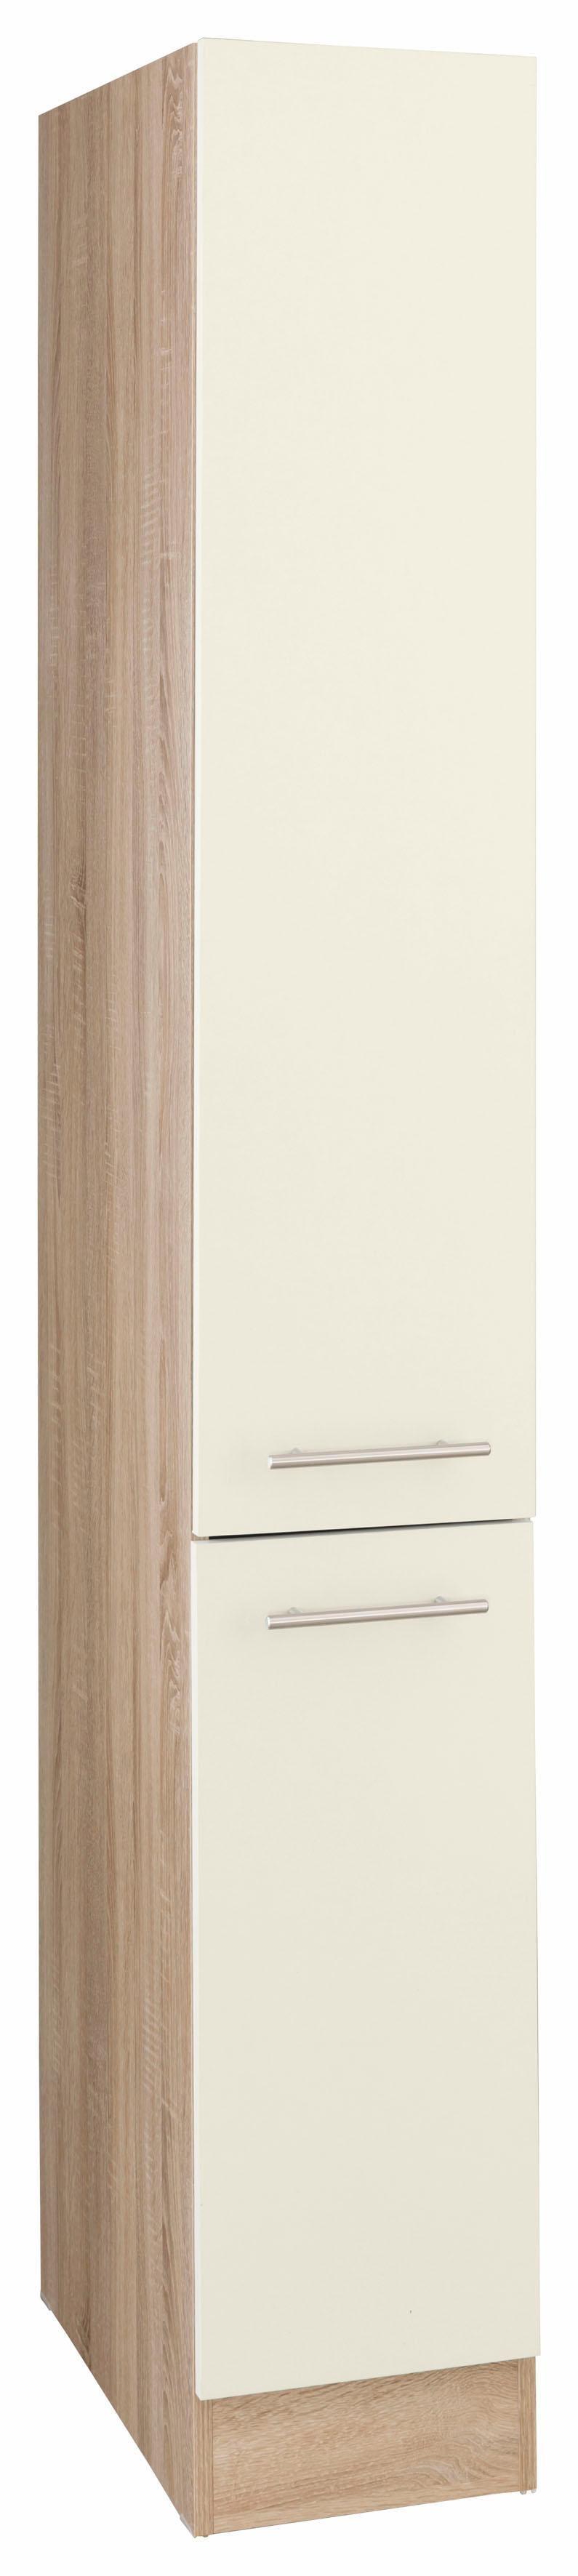 OPTIFIT Apothekerschrank Kalmar | Küche und Esszimmer > Küchenschränke > Apothekerschränke | Optifit